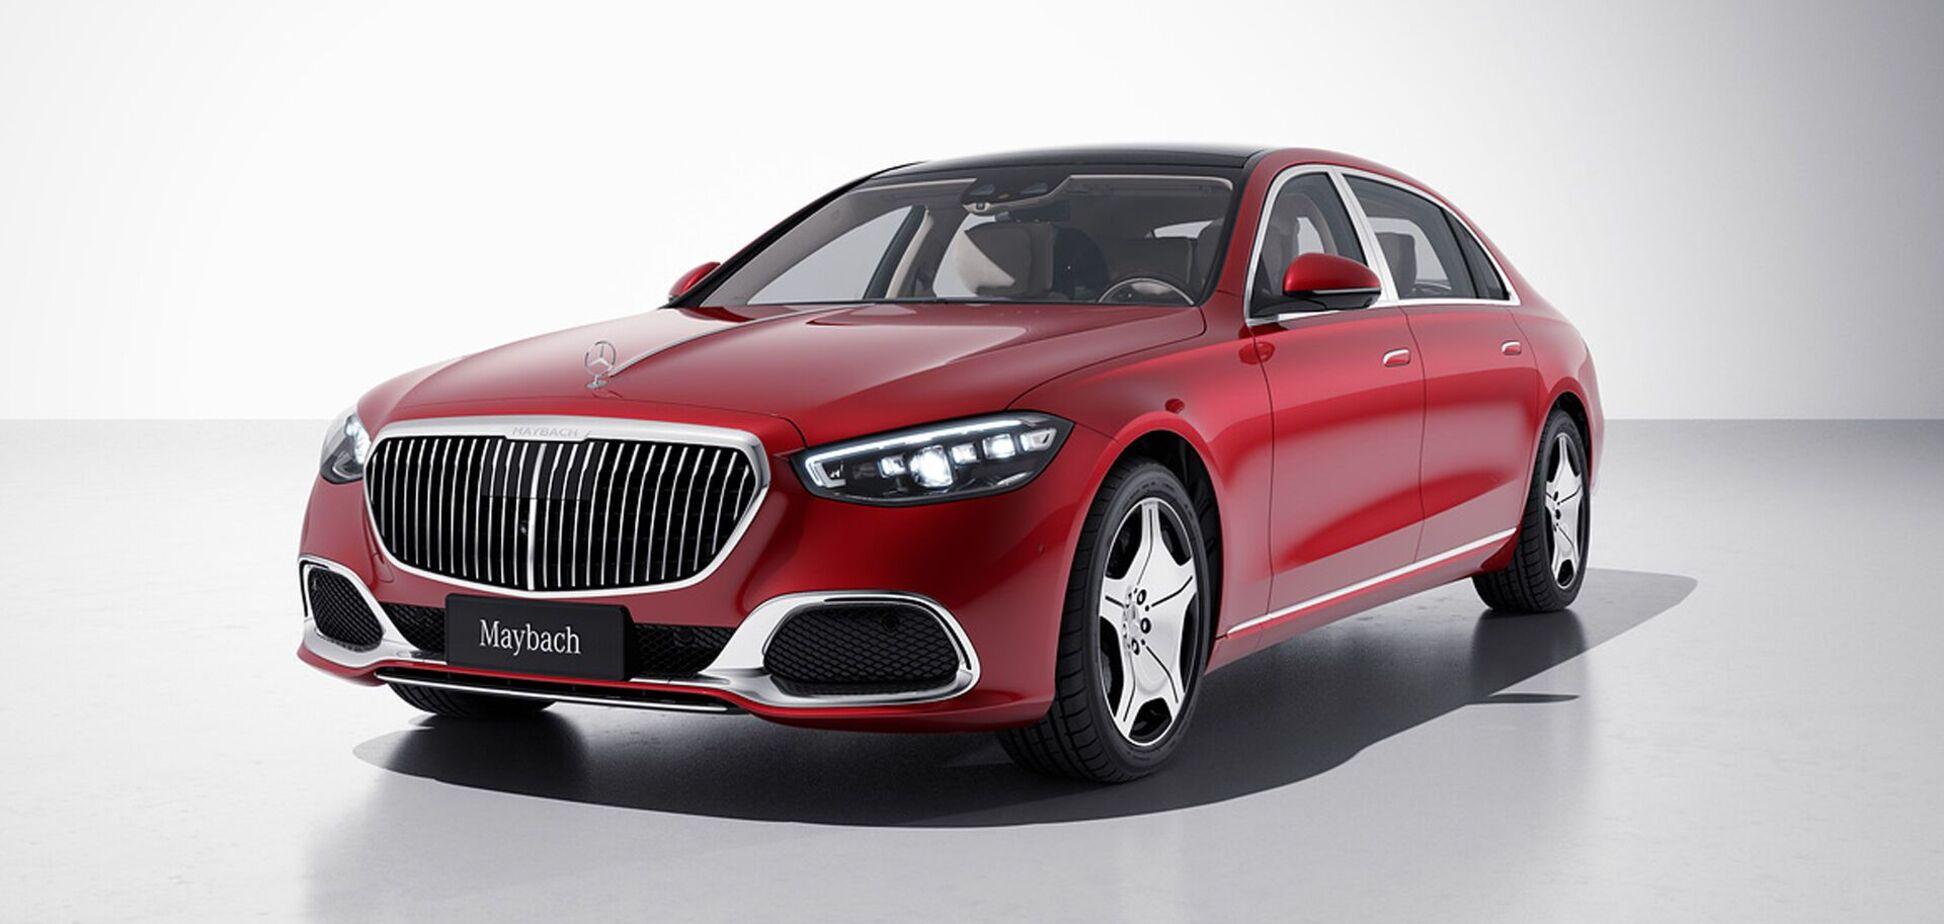 Mercedes-Maybach обзавелся 'бюджетной' версией